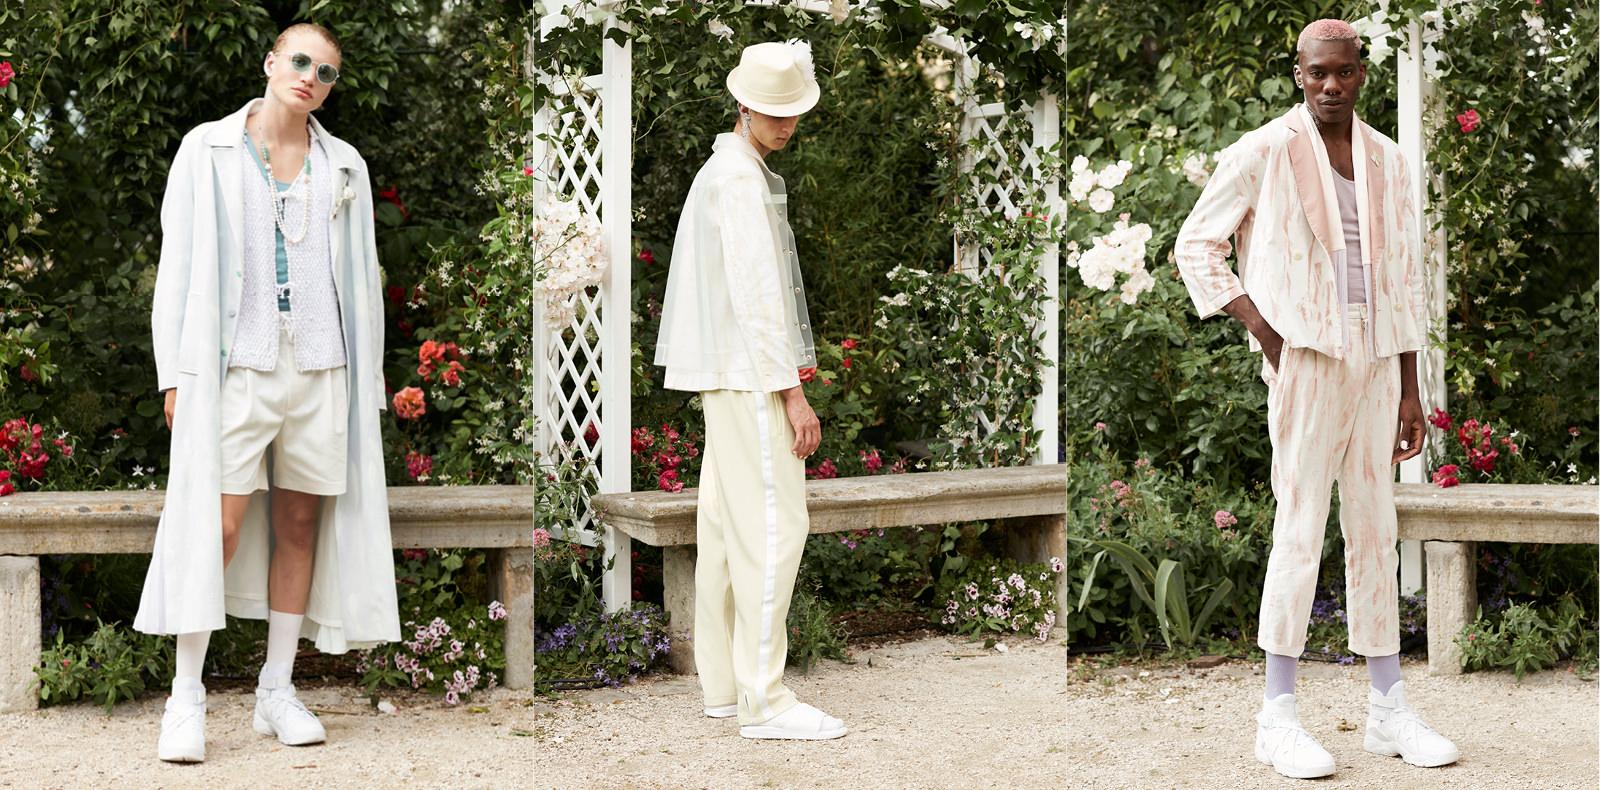 """Ce n'est pas à Pigalle, mais dans le quartier du haut Montmartre que Stéphane Ashpool a réuni les invités de sa présentation Wedding, ce jeudi, prenant la forme d'un vrai mariage. Une foule hétéroclite et excitée, tout de blanc vêtue, se presse, pour assister à l'événement.   La quiétude du jardin du musée de Montmartre, aménagé pour l'occasion, bruisse d'une curiosité exaltée : comment celui que l'on appelle le prince de Pigalleva-t-il mixer mariage et culture street? La musique commence et Pigalle Paris entre en scène avec toujours ces gueules et ce cool des mecs de la rue qui font la richesse des shows. Les mannequins défilent les uns après les autres, pour se placer devant une sublime enseigne en fleurs blanches """"brandée"""" Pigalle.   Jogging mandarine ou opalin, bomberssatinés argentés, vestes de smoking ou trench crème agrémenté de touches pastel, du jaune, du bleu et du rose dragée. C'est gai et street. L'homme Pigalle Paris printemps-été 2017 est plus romantique sportswear que jamais, comme se plaît à le rappeler Ashpool.   On remarque les plissés Lognon d'un trench, les plumes Lemarié signant les chapeaux, et les broches en forme de rose créées par Goossens Paris, faisant flirter la collection avec la haute couture. Pigalle Paris a gagné l'ANDAM 2015, et ça se voit.  L'apogée du show, l'entrée de Marissa Seraphin (la petite amie de Stéphane Ashpool) dans une magnifique jupe et hautassorti brodés de fleurs par les ateliers Lesage, conduite jusqu'à l'hôtel par le génial chorégraphe Larry Vickers et l'acteur Paul Hamy pour célébrer ce mariage exceptionnel. Le Pigalle Wedding, sublime et émouvant.  www.pigalle-paris.com  Par Léa Zetlaoui"""